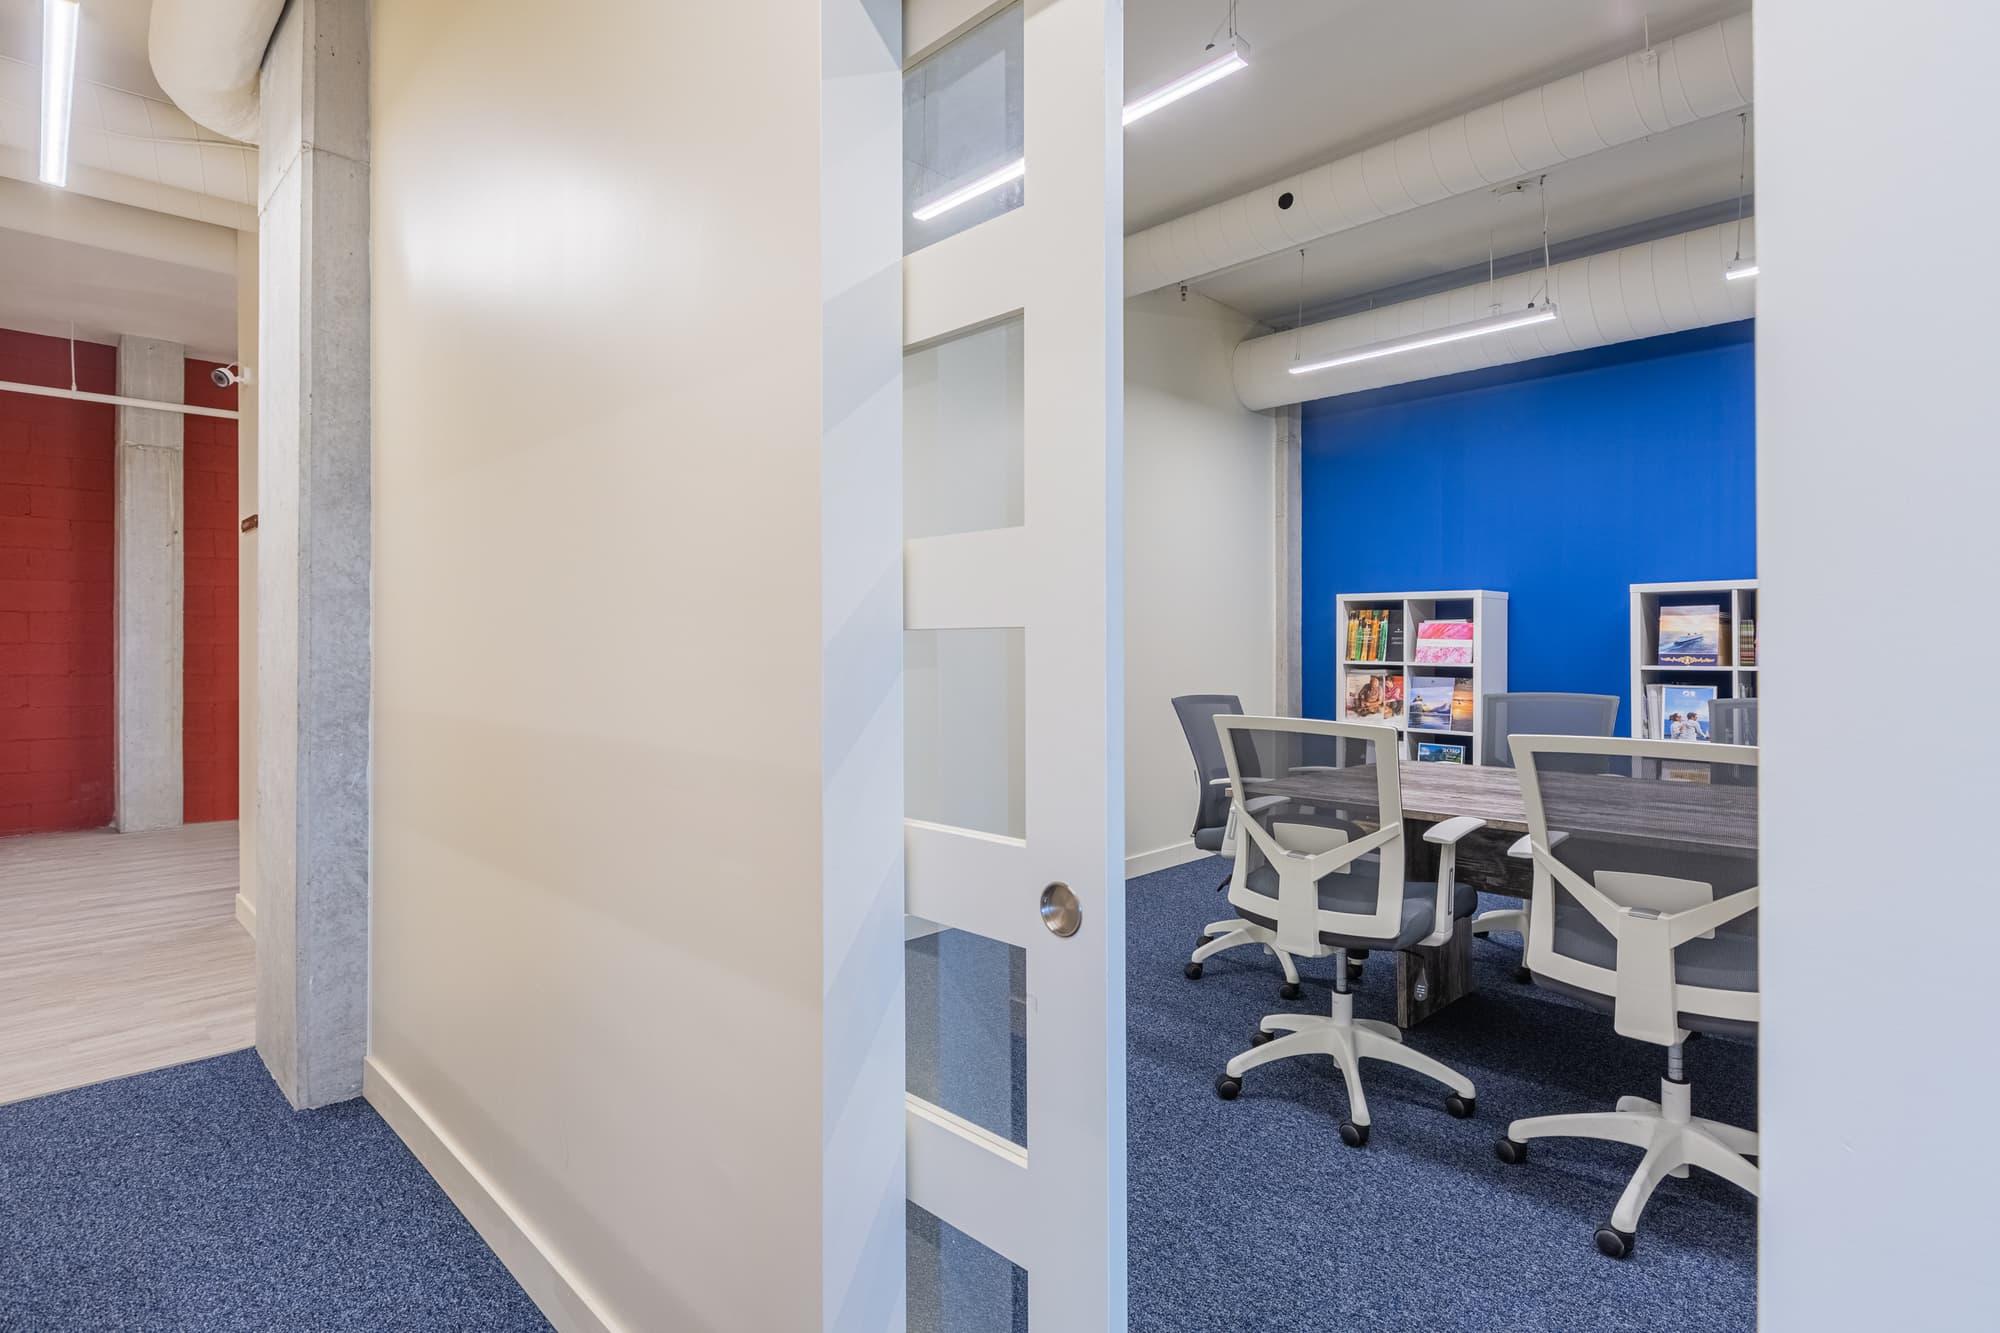 salle de conference avec tapis et mur bleu